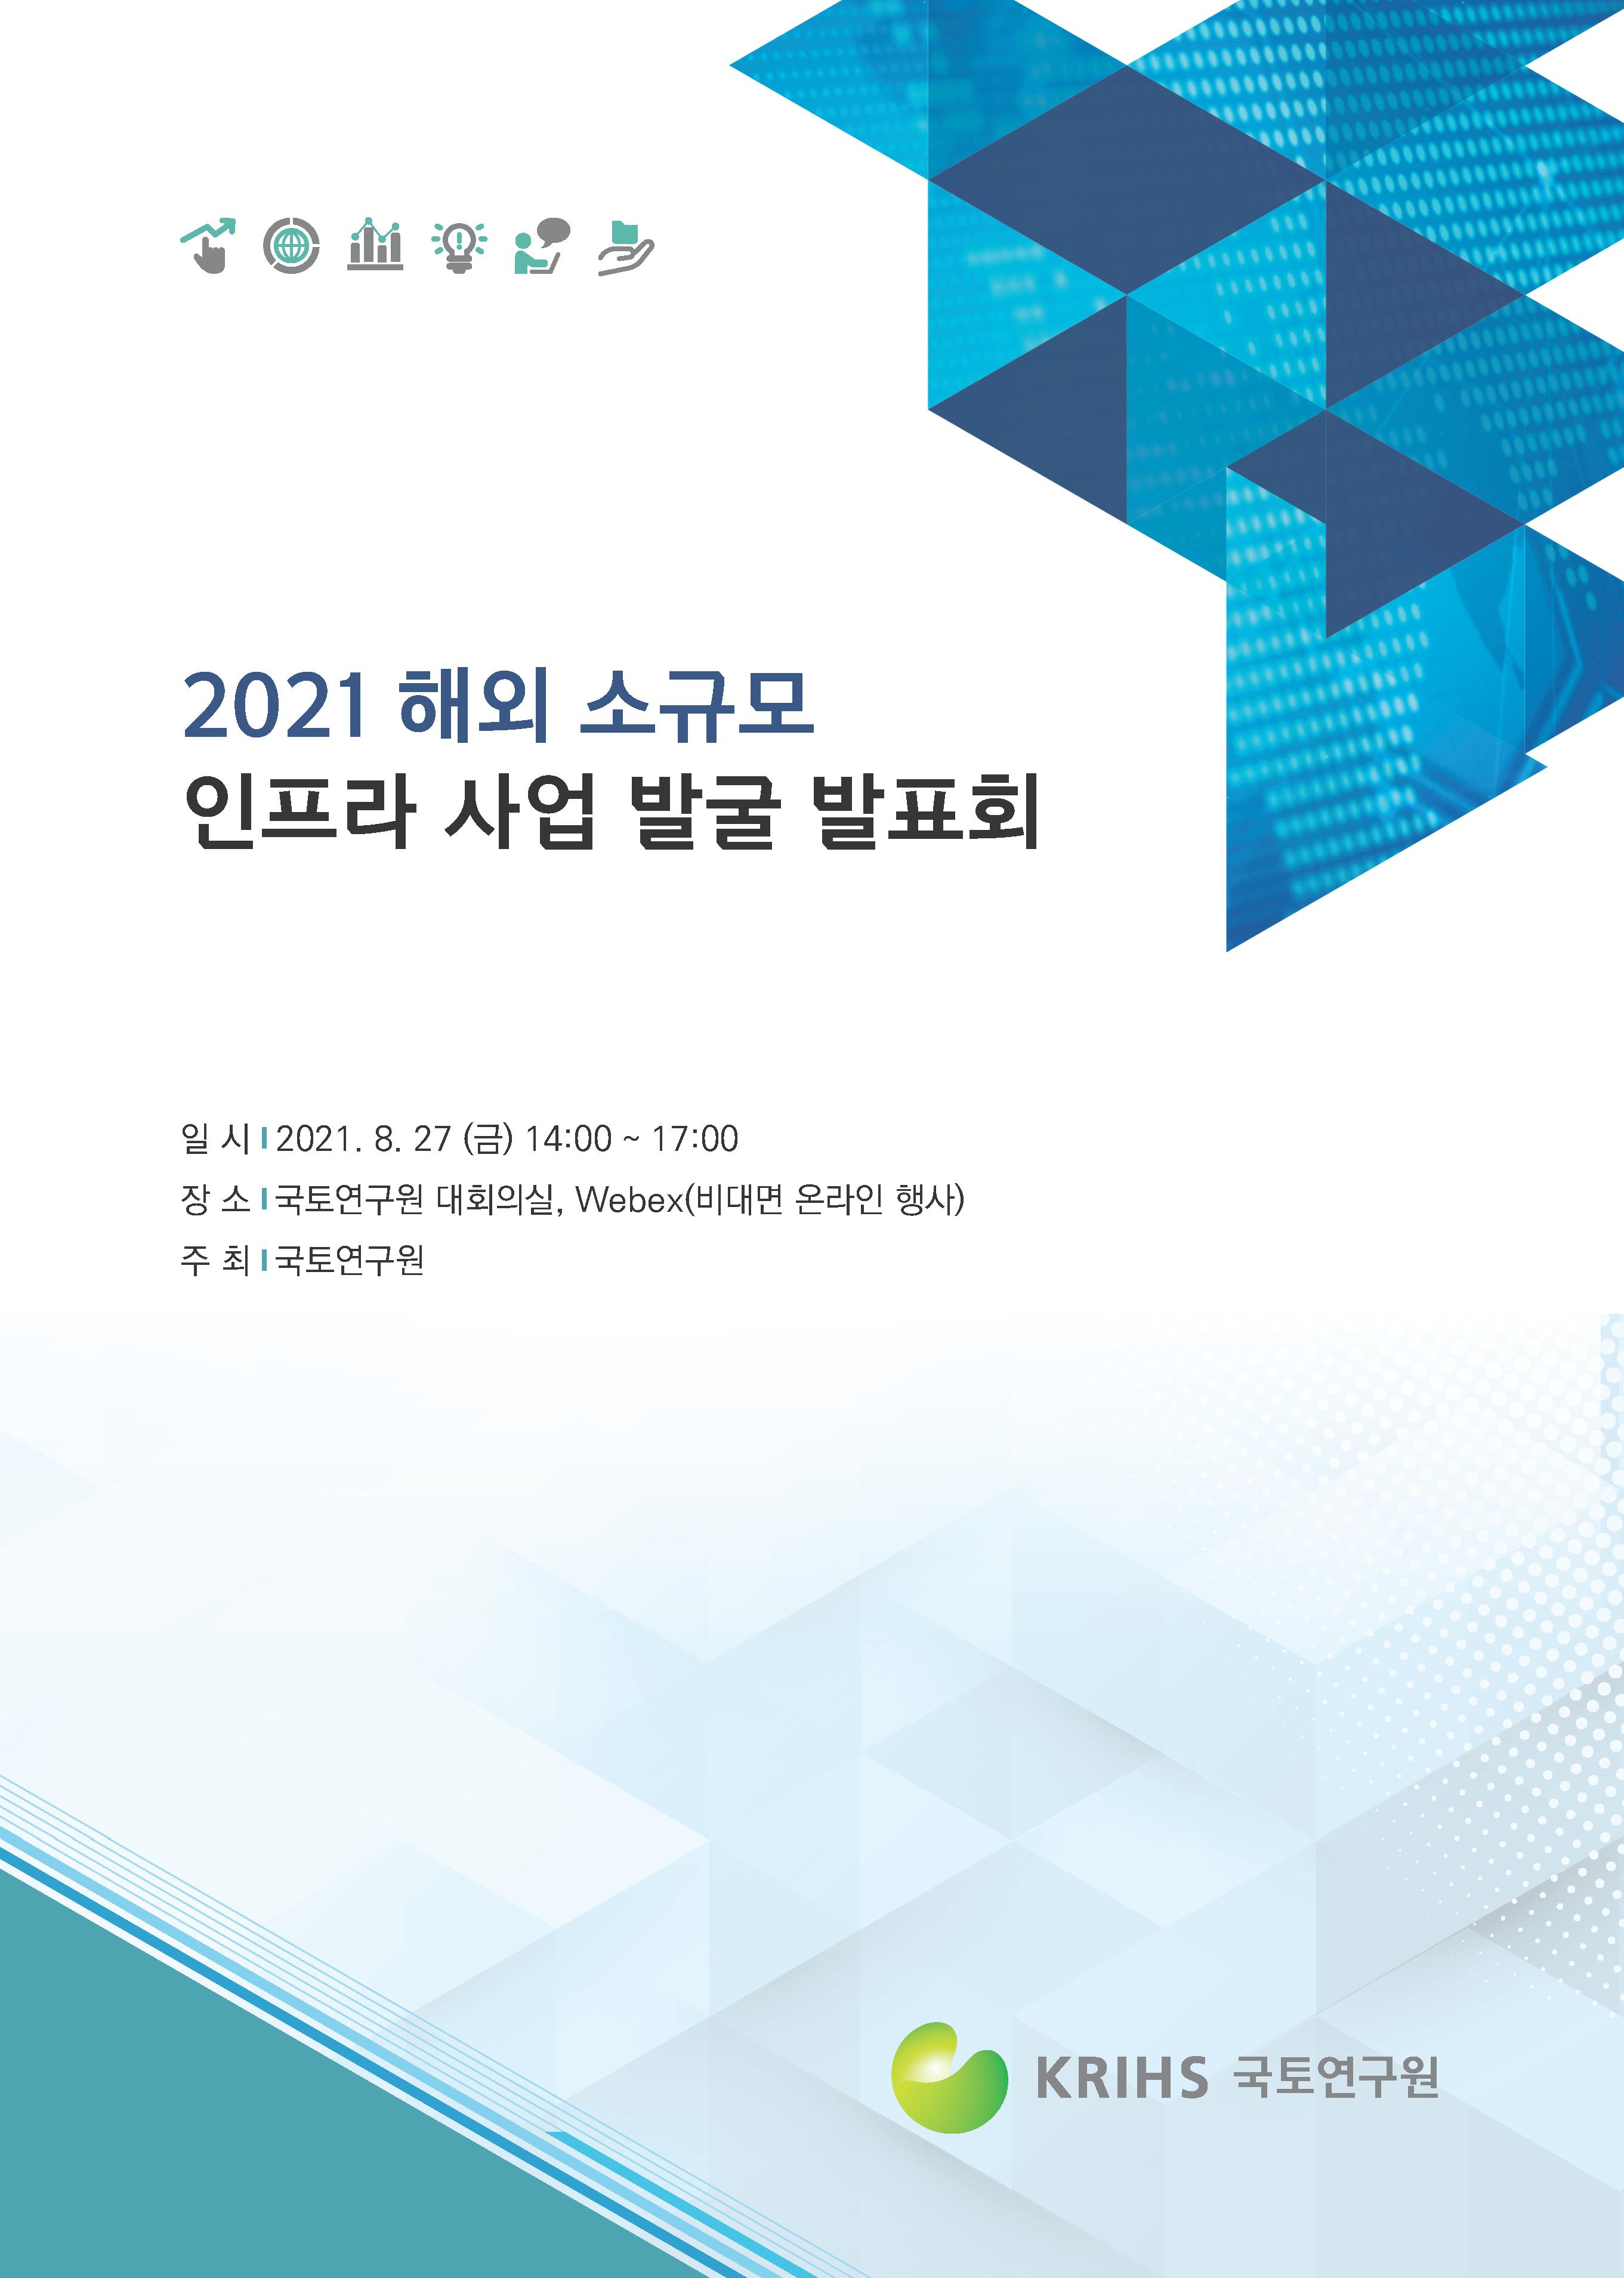 [2021 해외 소규모 인프라 사업 발굴 발표회 기조] 중소·중견기업 해외 물류 인프라 공동프로젝트 추진 방안표지